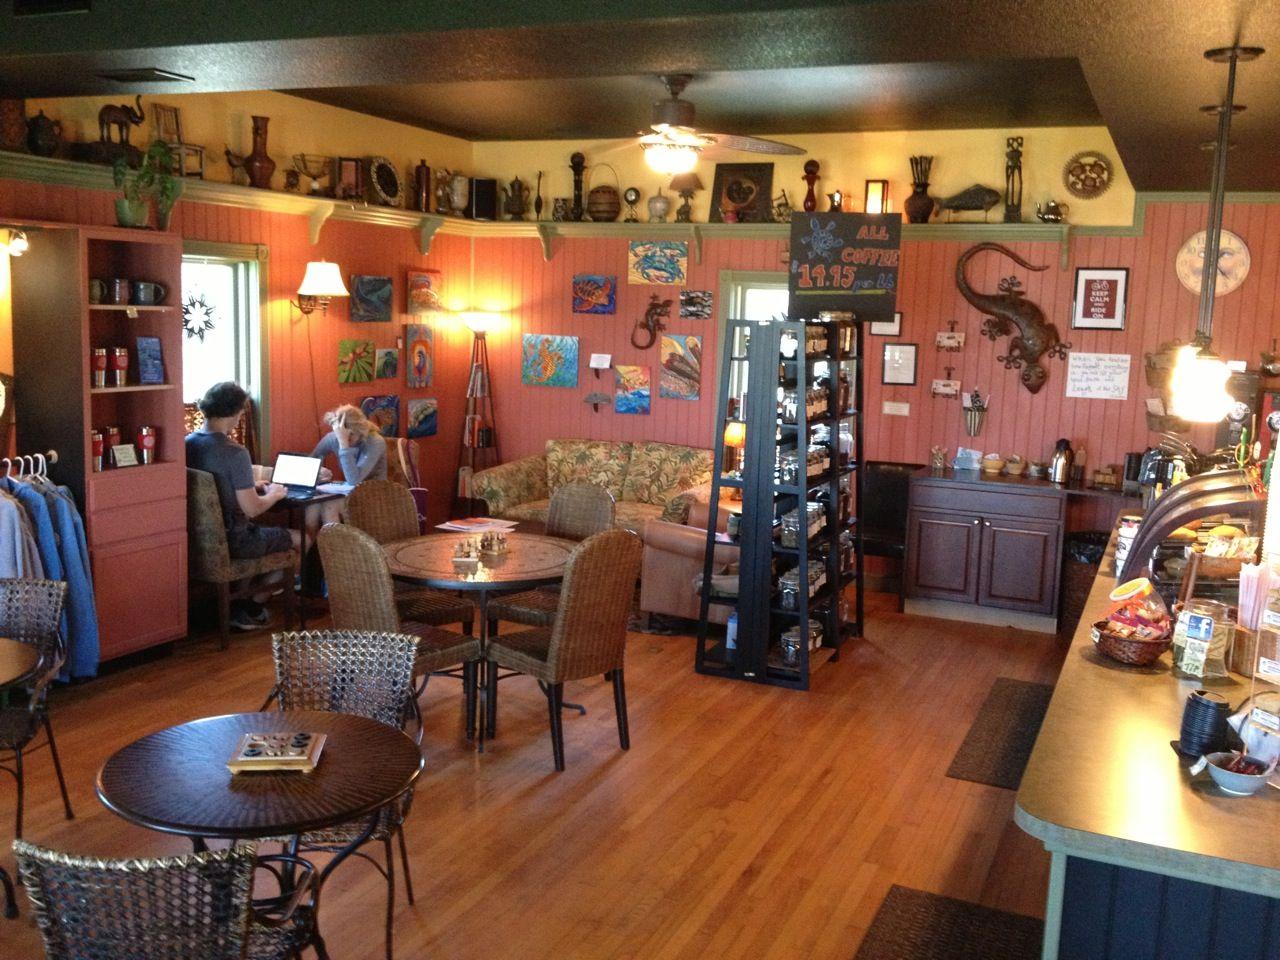 1000 images about Coffee shop decor on Pinterest. Shops Decoration